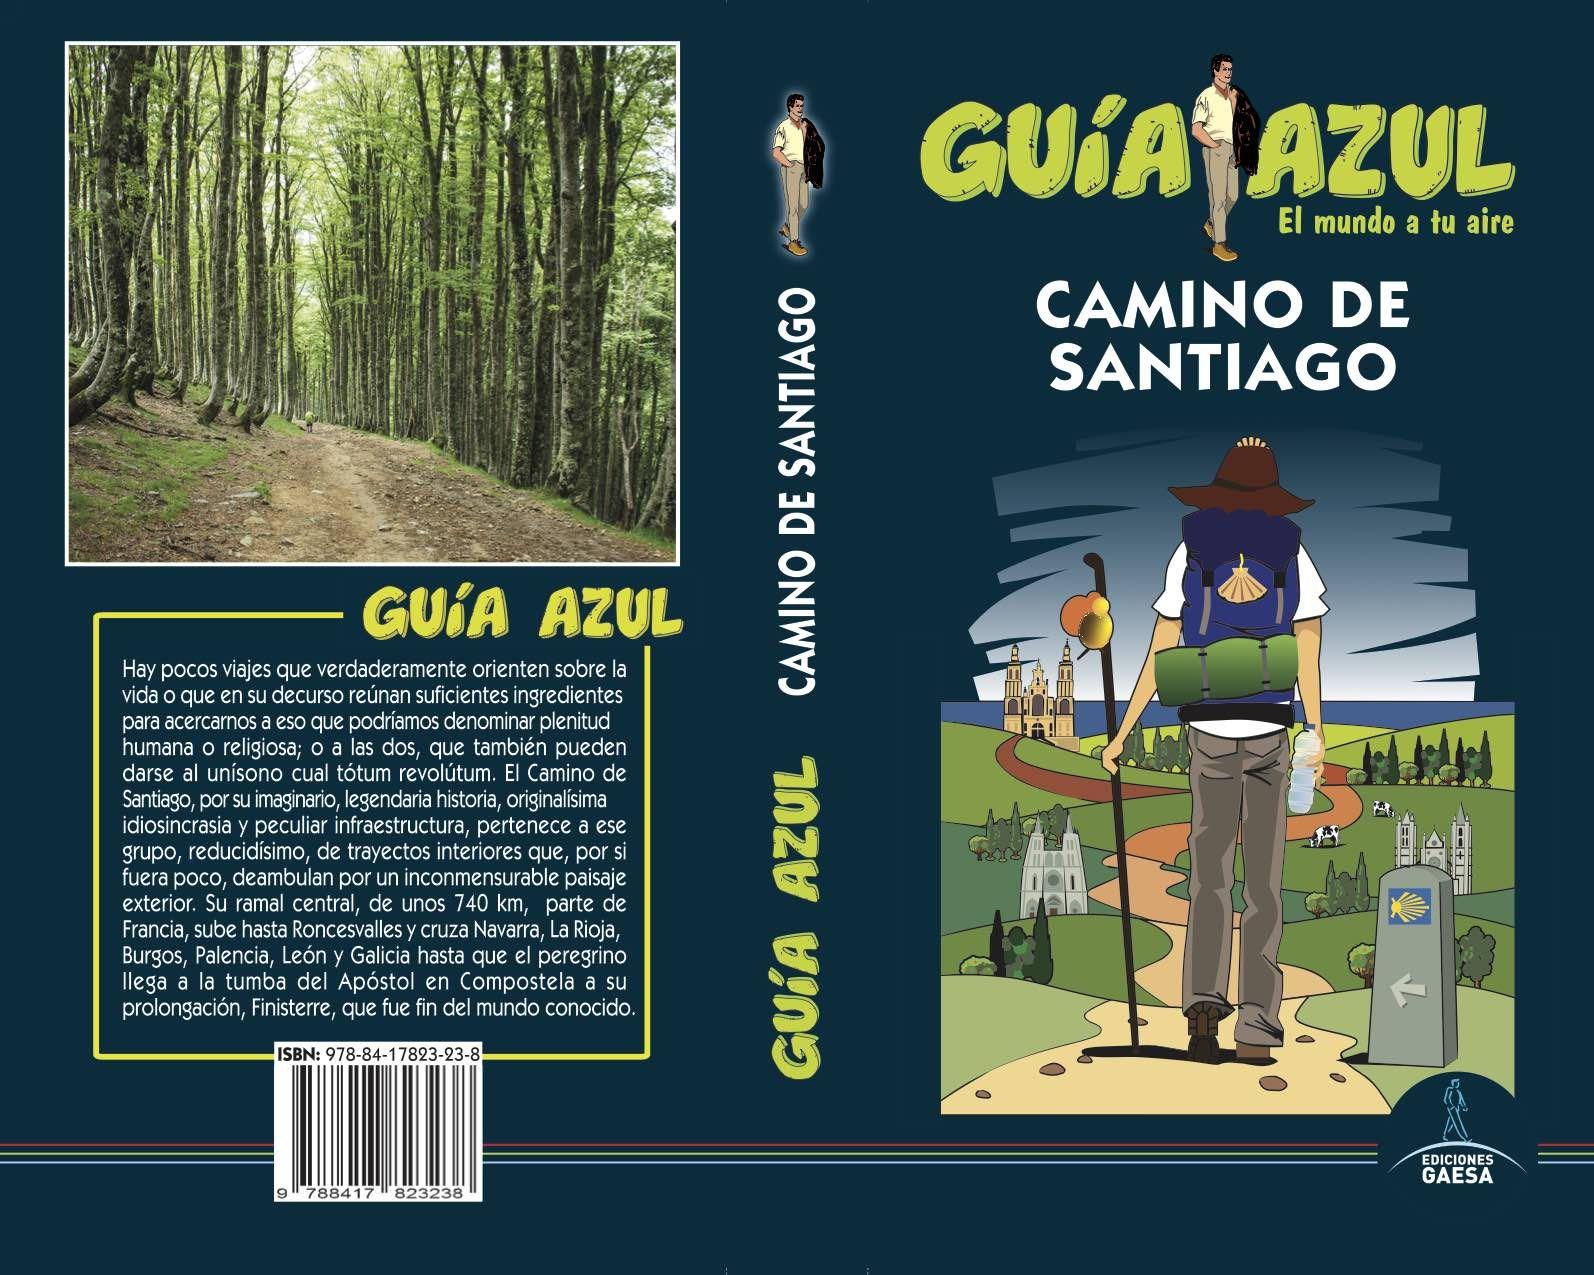 CAMINO DE SANTIAGO GUIA AZUL